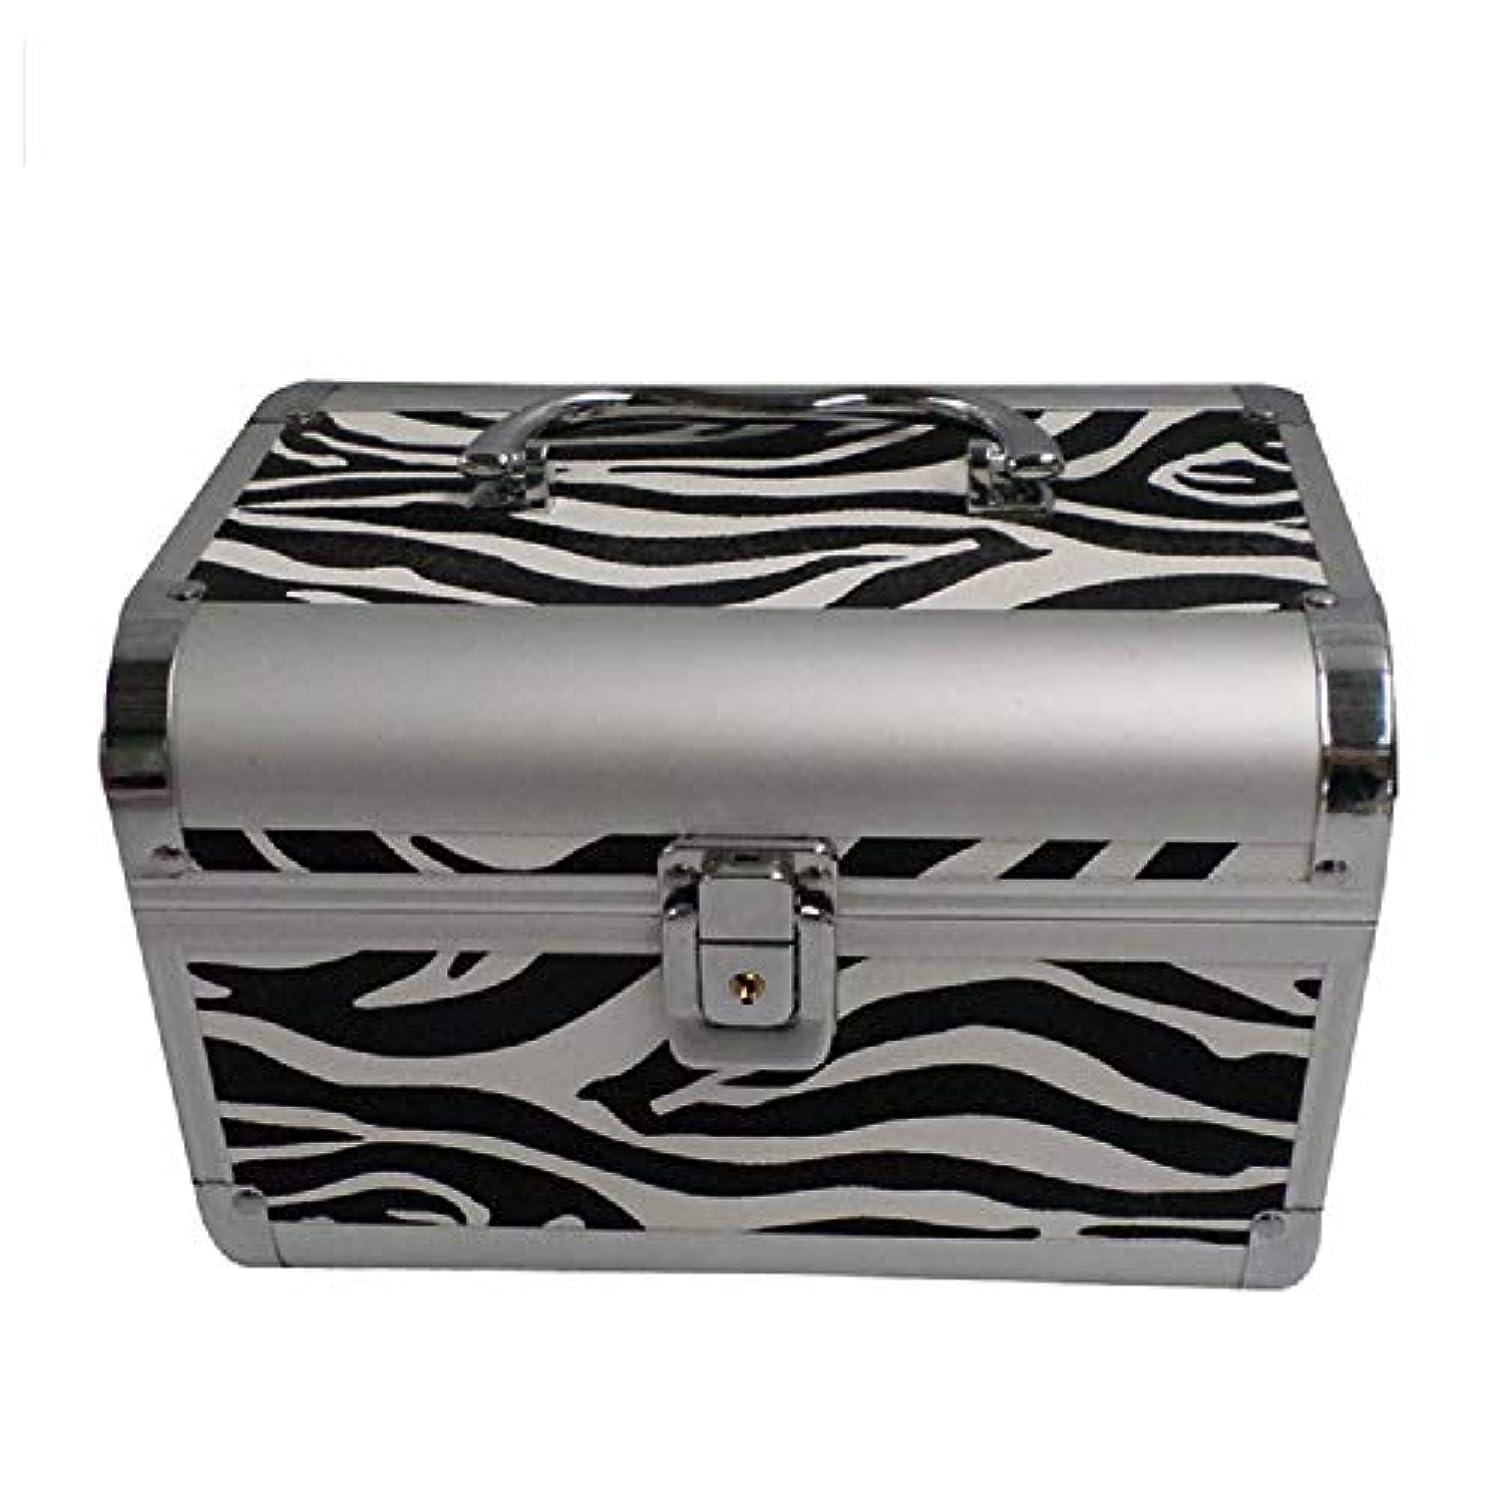 遠い年齢化合物化粧オーガナイザーバッグ ゼブラストライプ旅行用アクセサリーのポータブル化粧ケースシャンプーボディウォッシュパーソナルアイテムロックとハンドル付き収納 化粧品ケース